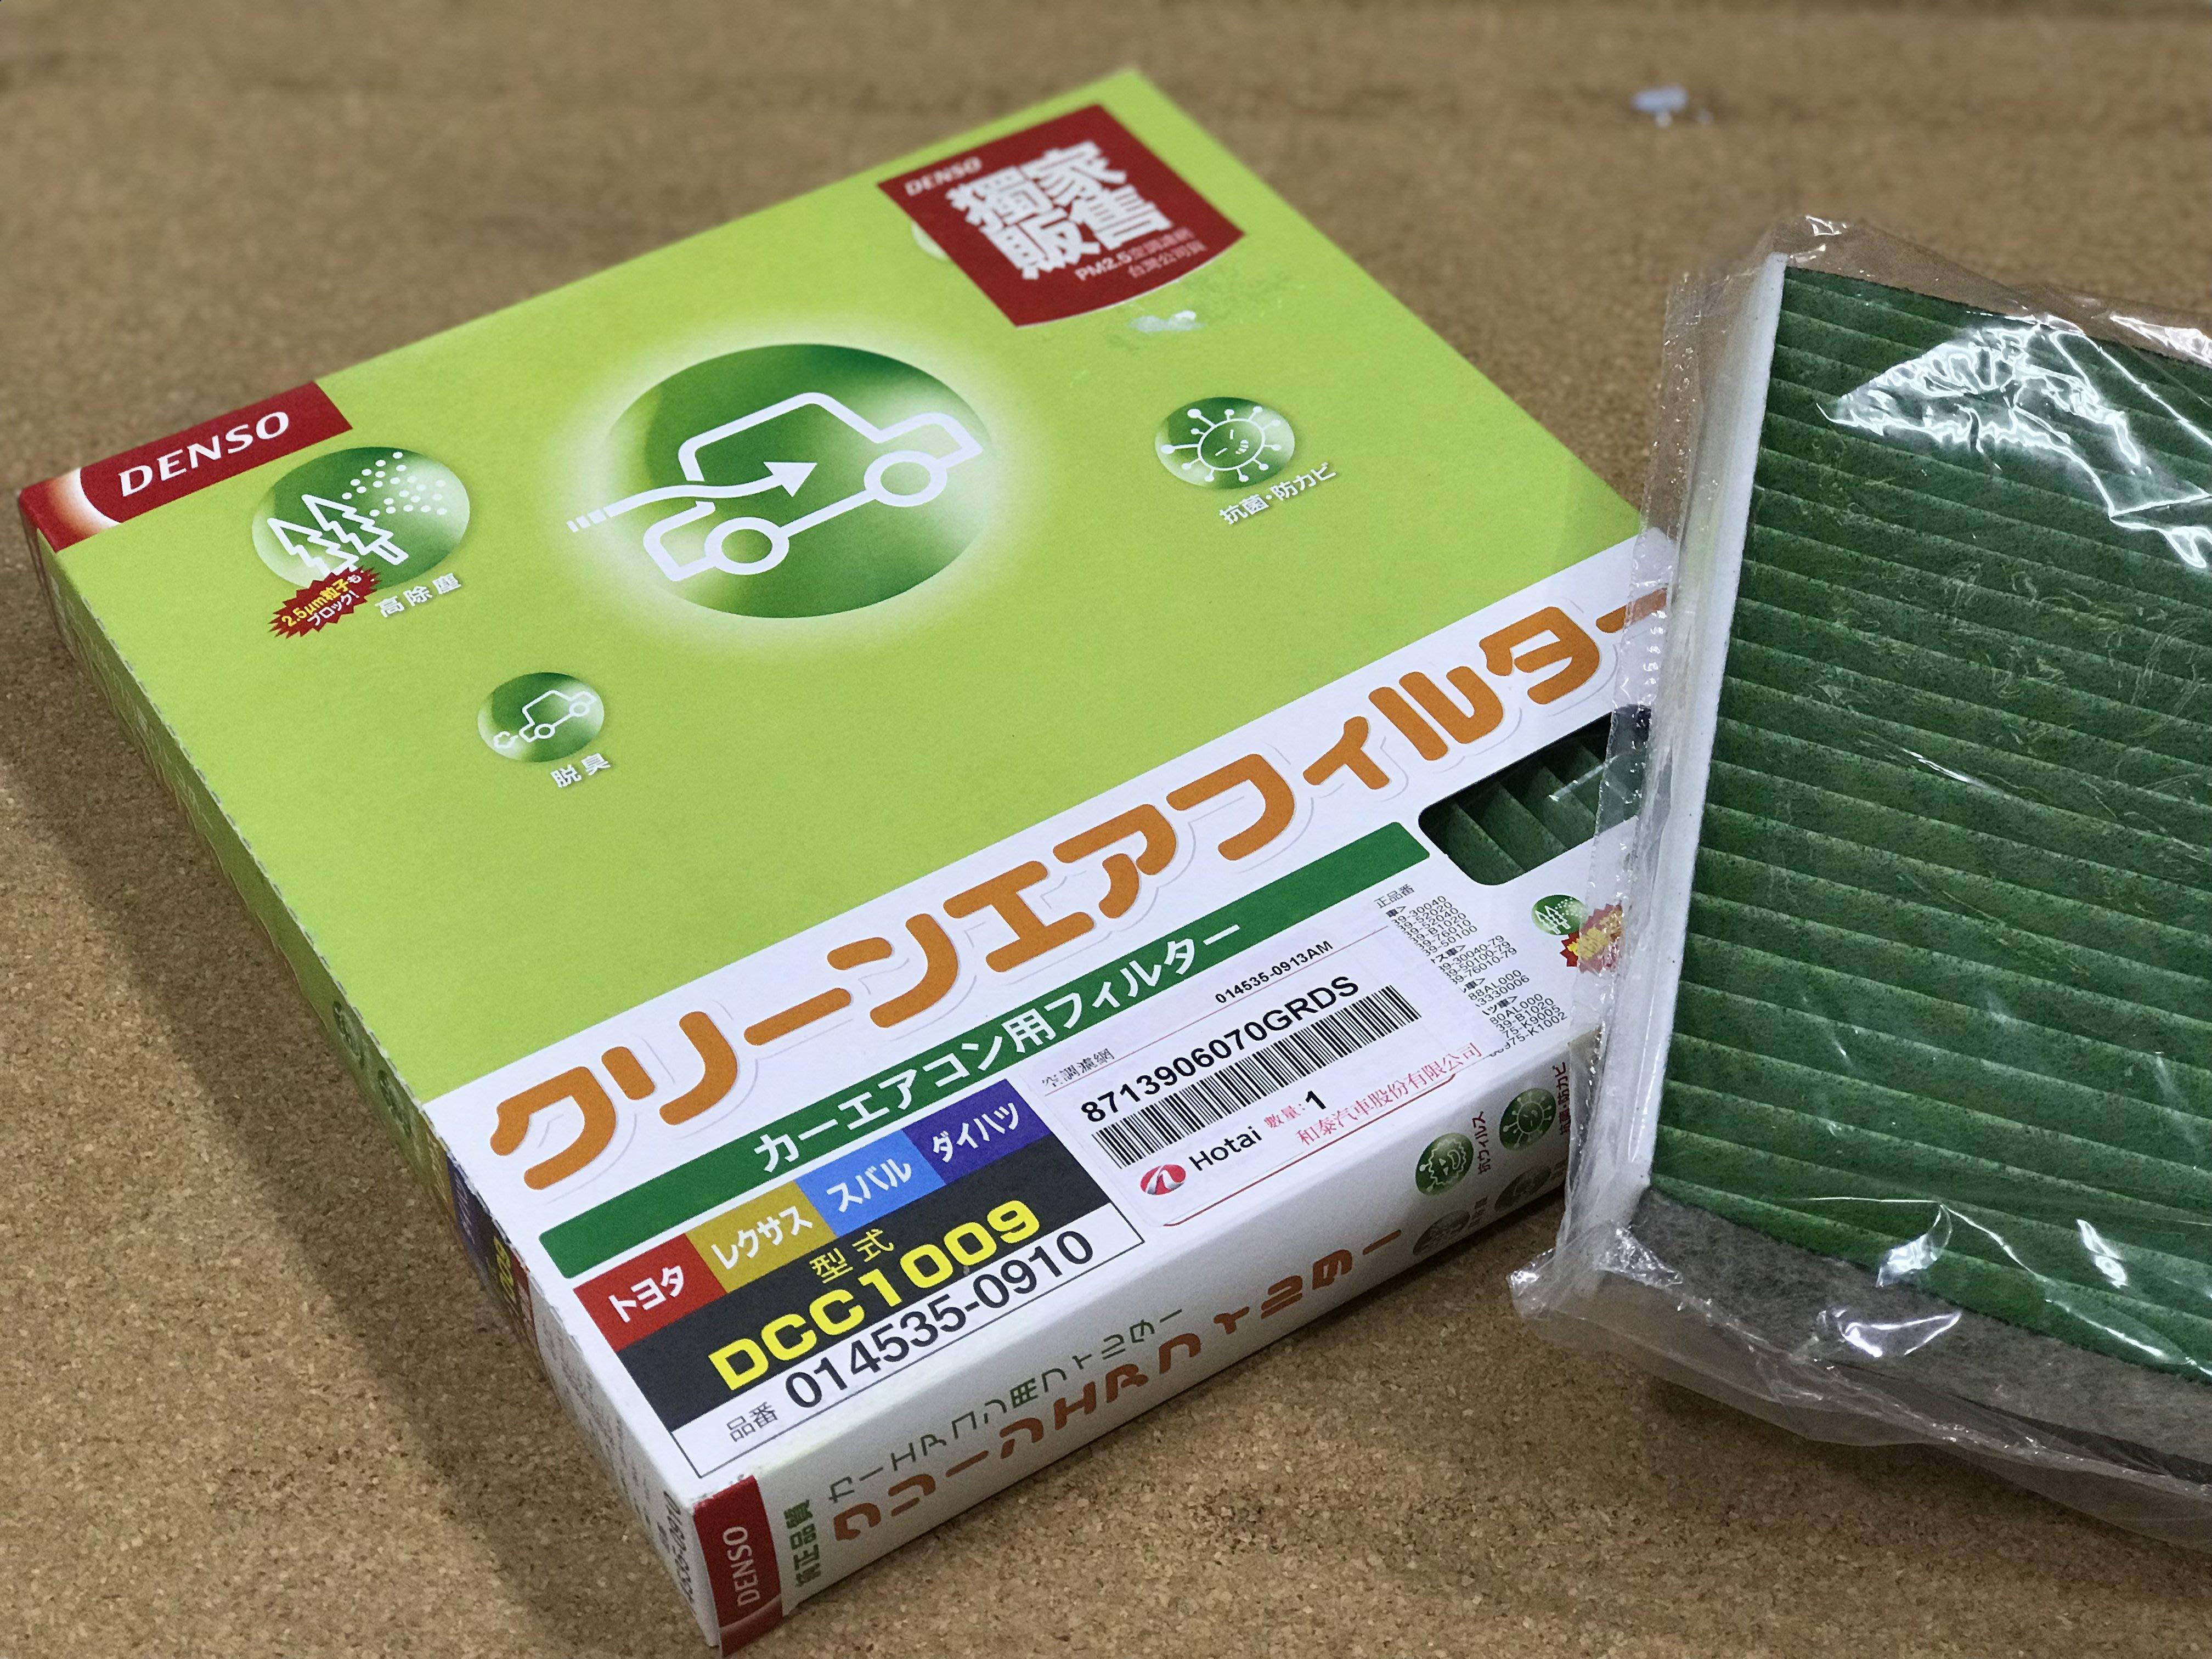 【特價】豐田專區 日本製 DENSO 電綜 冷氣濾網 0910 高過濾 PM2.5 除臭防黴 綠色安定版 ALTIS